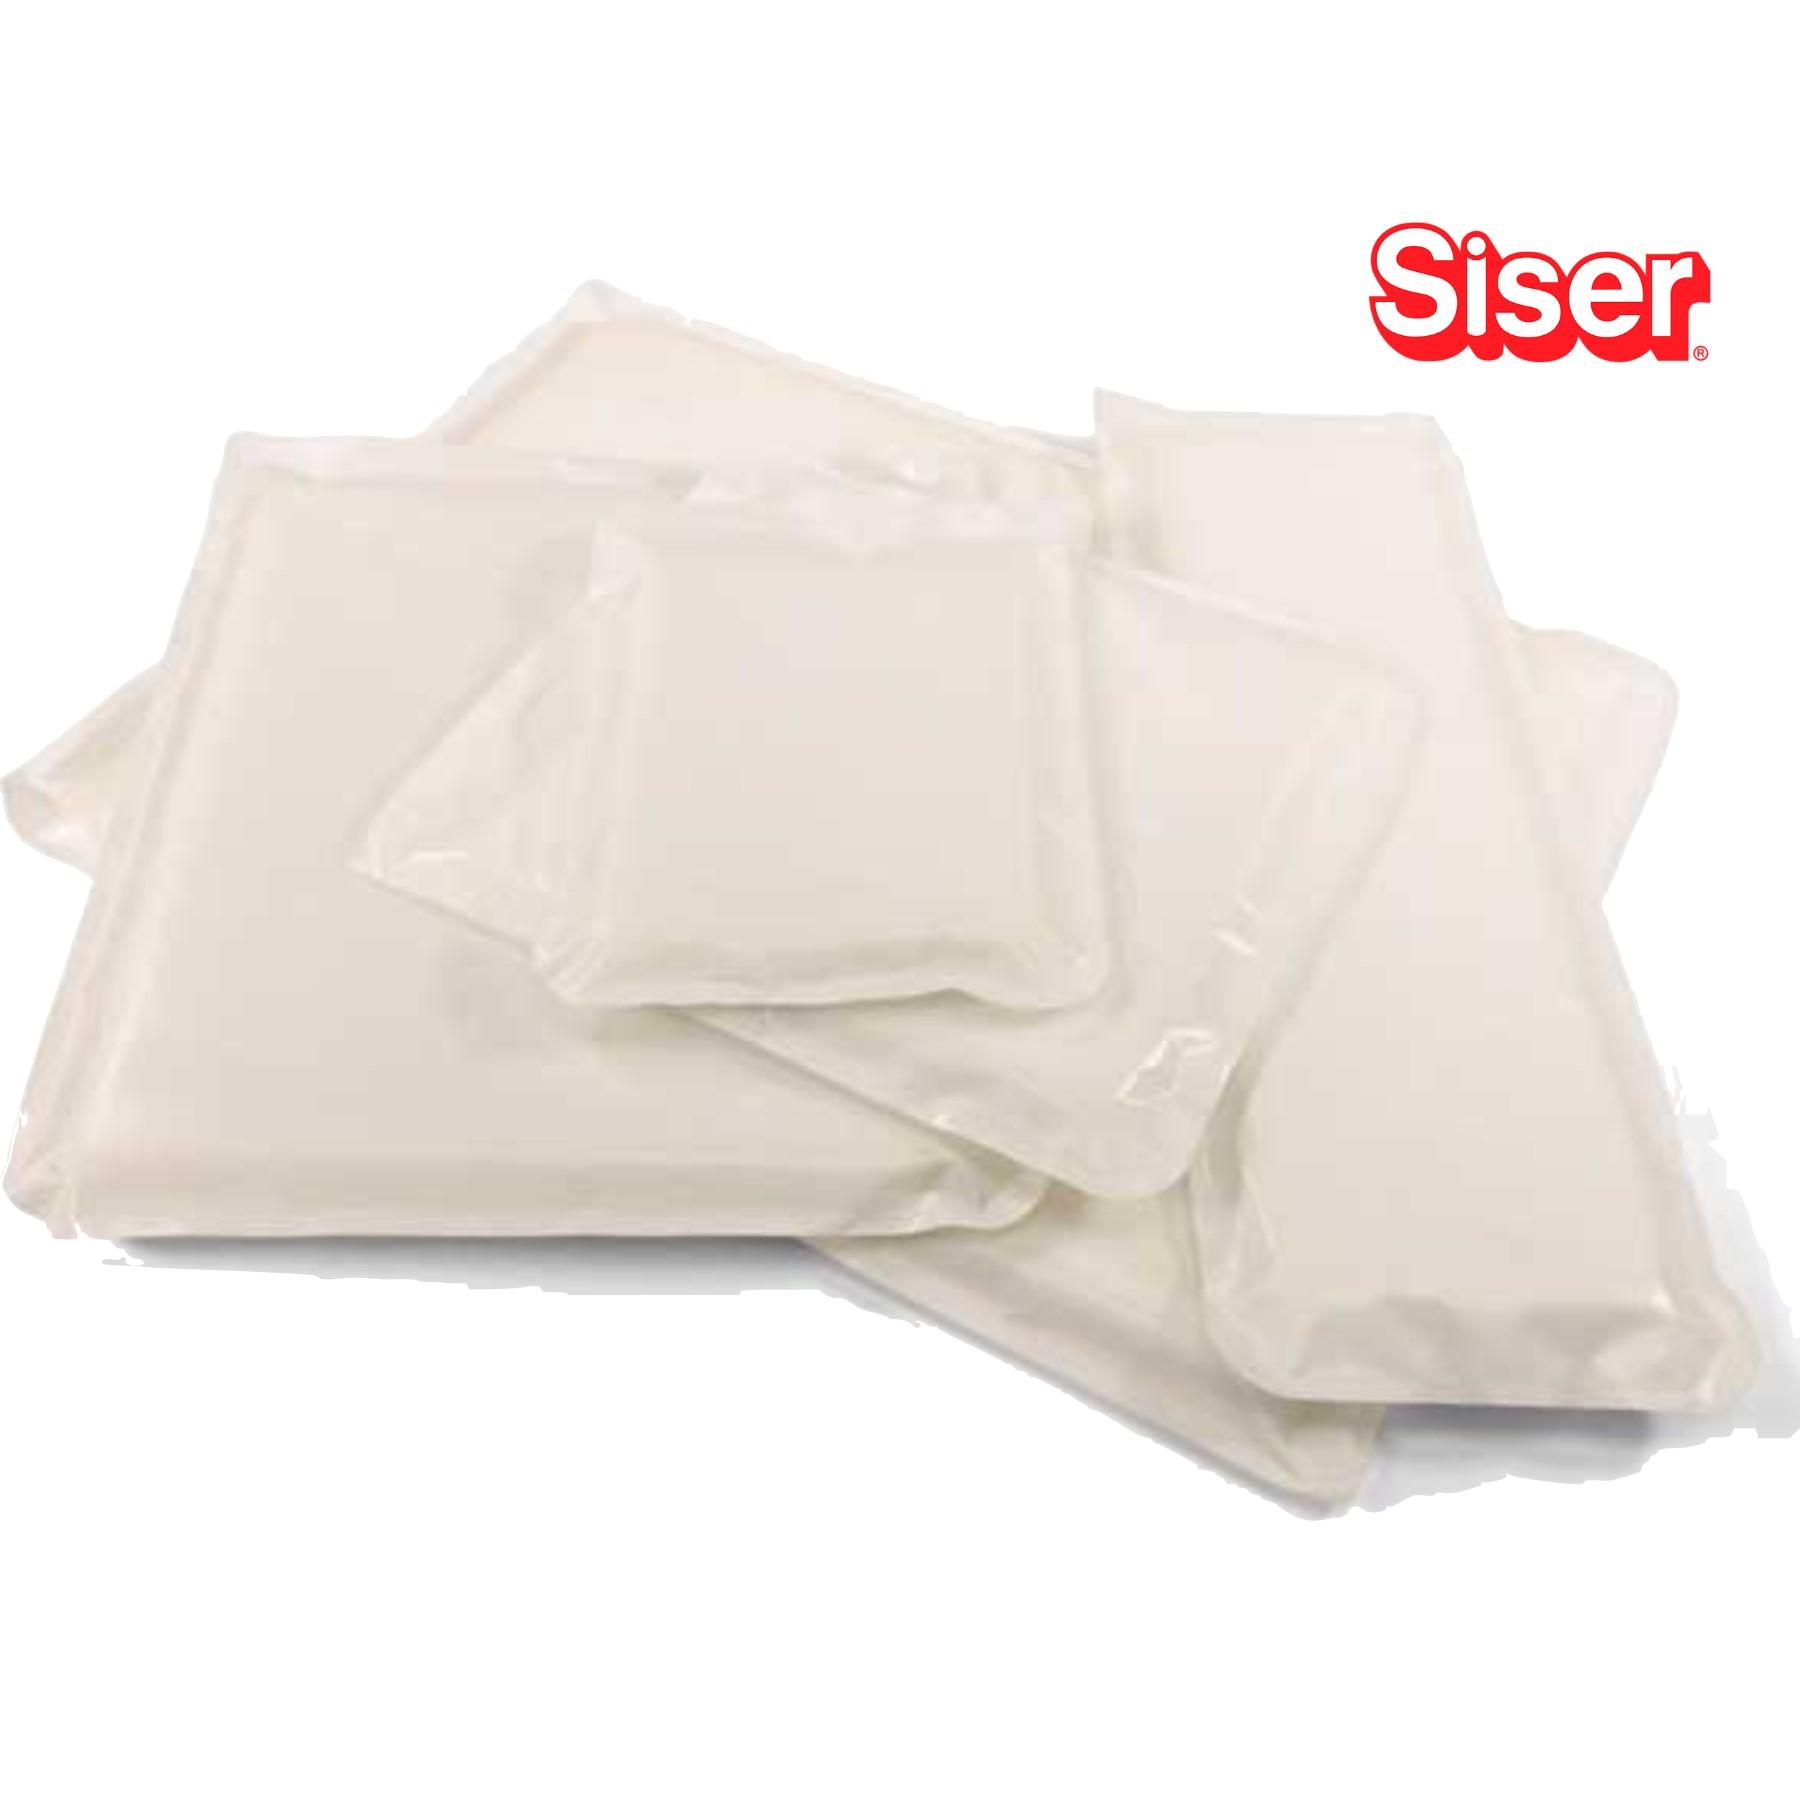 Kit de almohadillas de estampado 5 unidades